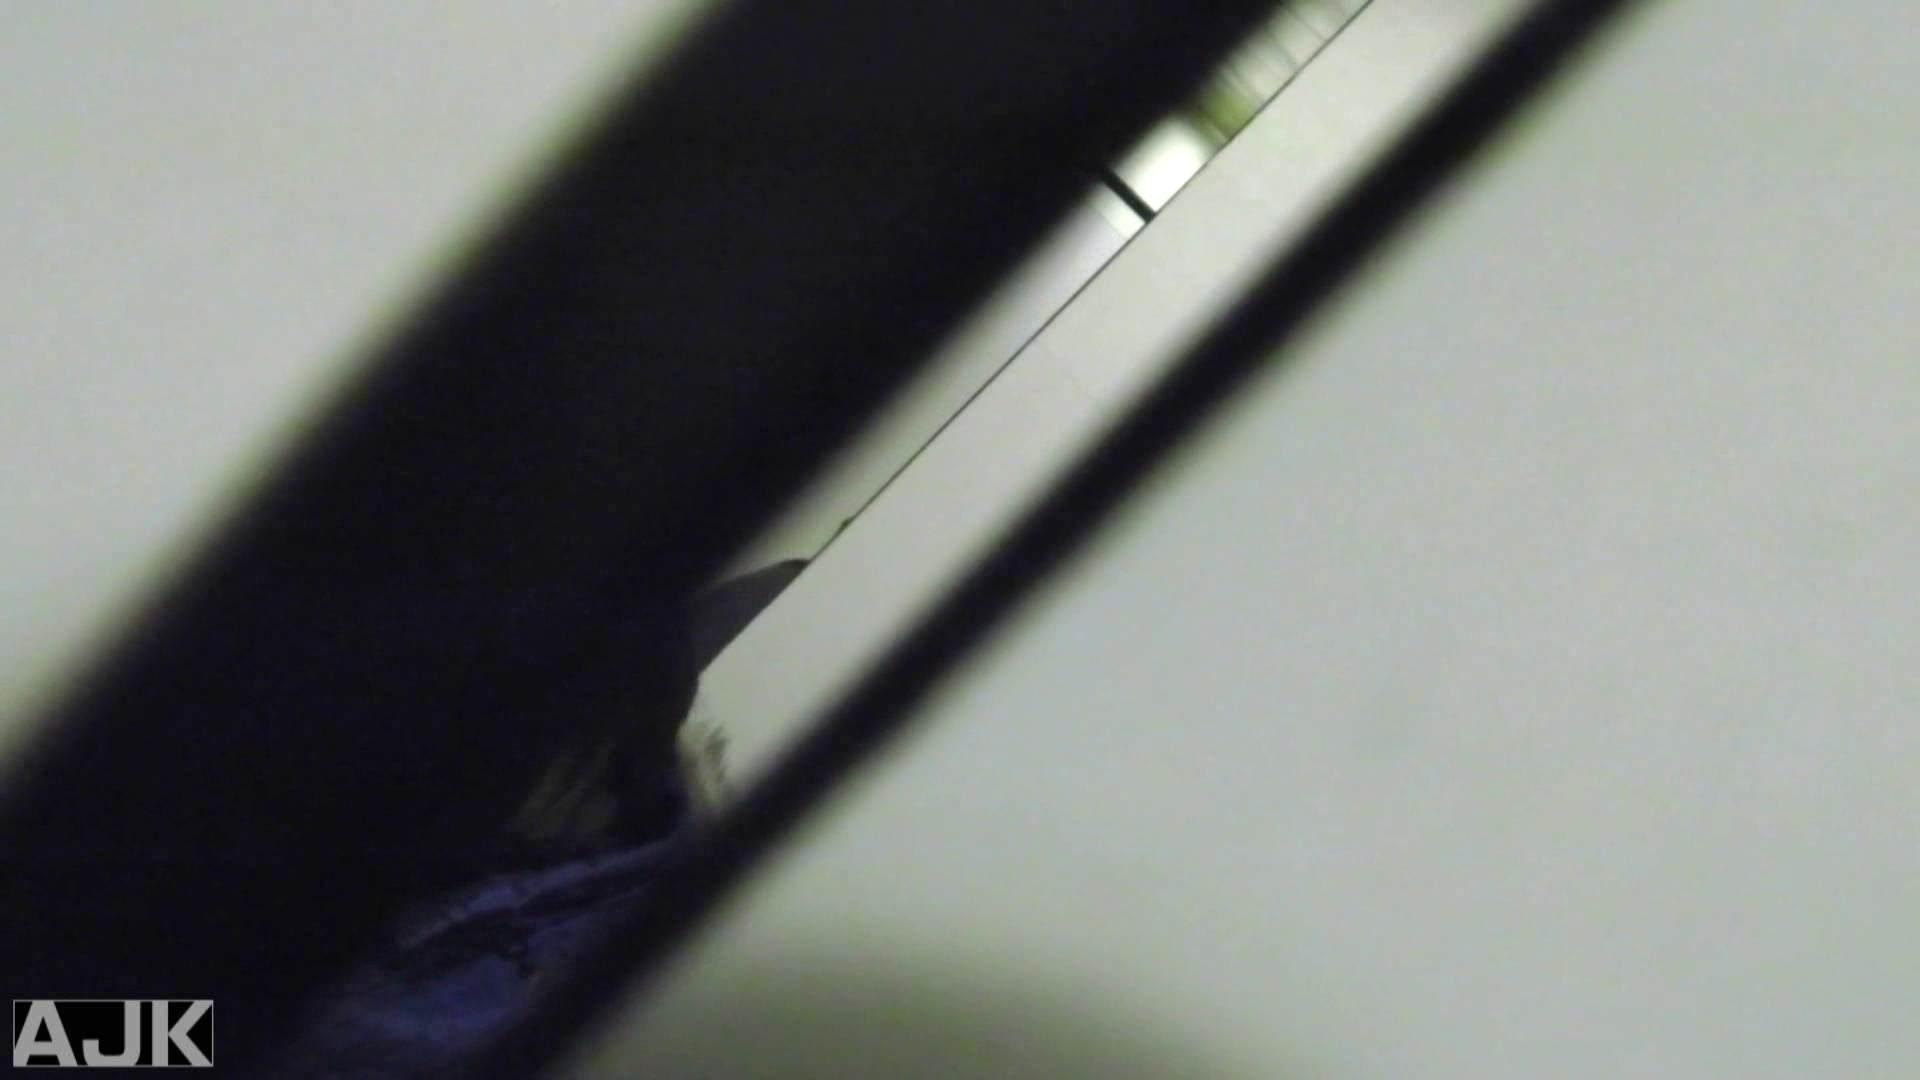 神降臨!史上最強の潜入かわや! vol.16 美女丸裸 おまんこ動画流出 106pic 32